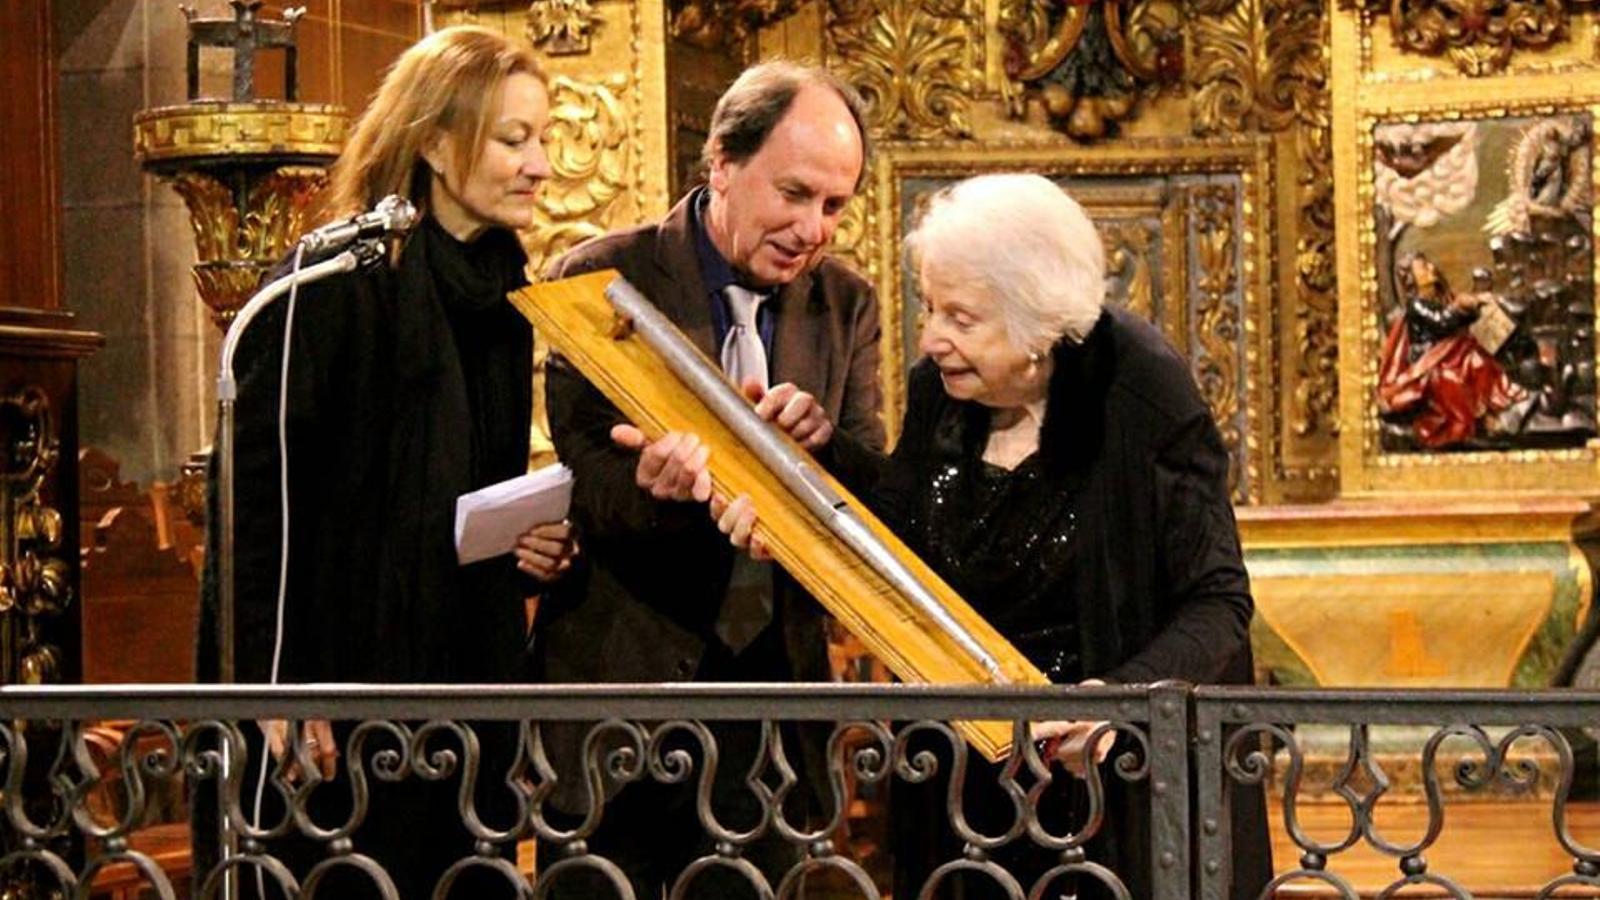 Enrique Campuzano, president de l'Asociación del Órgano Hispánico, obsequia Montserrat Torrent amb un tub d'orgue del segle xviii en acabar el concert de clausura del Congrés Internacional d'Orgue Hispànic a Santiago de Compostel·la